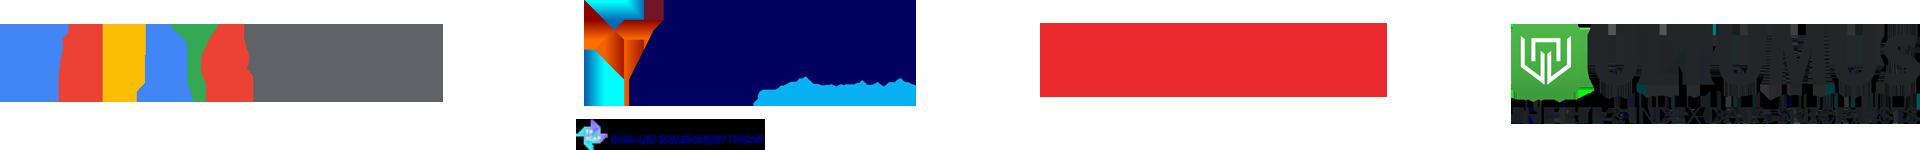 Company logos_webinar_02